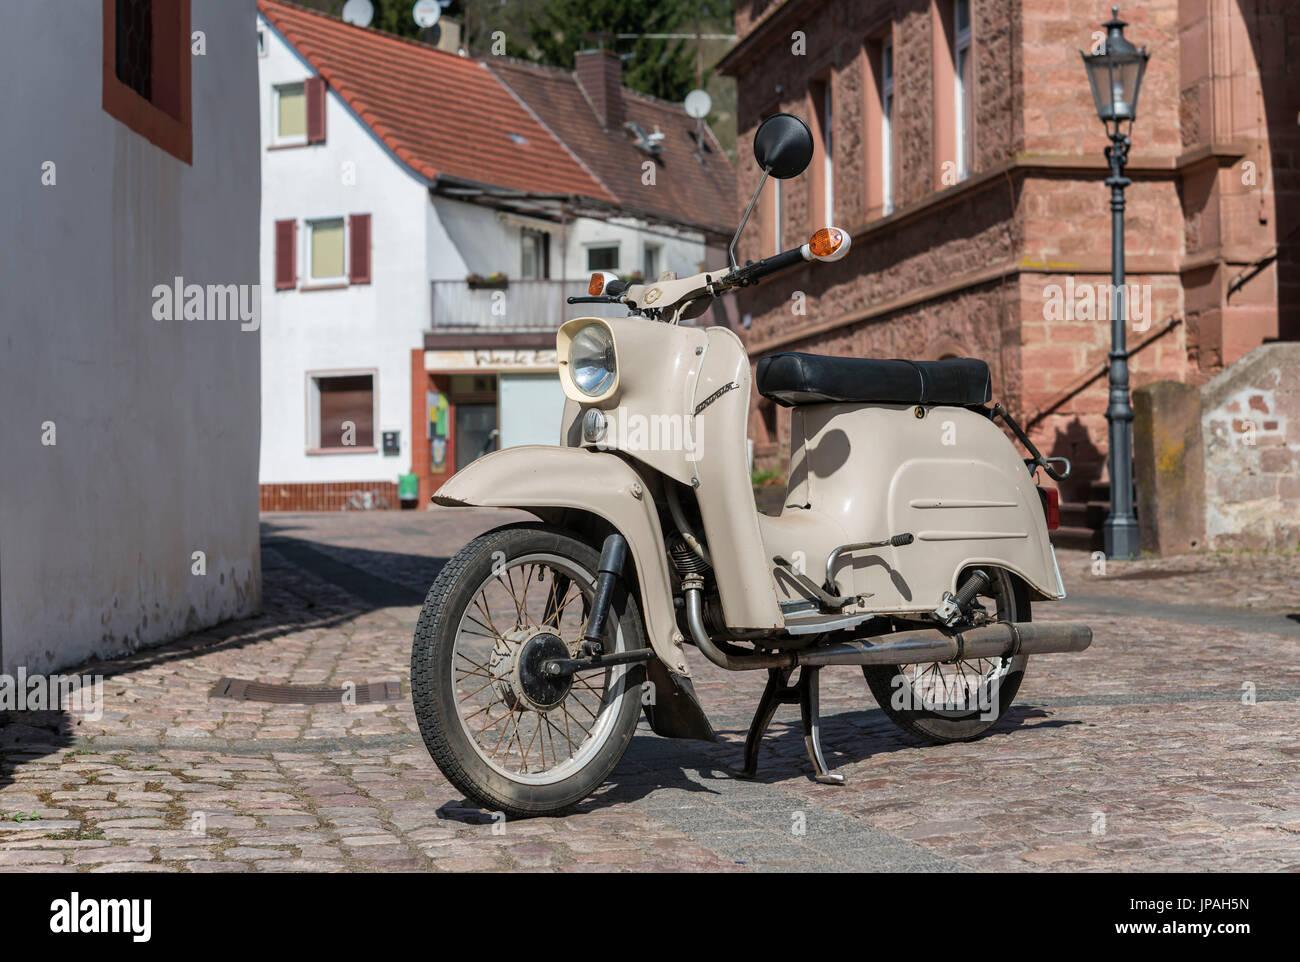 Breuberg, Hessen, Germany, moto scooter of the brand 'Simson Schwalbe'. Producer Fahrzeug- und Jagdwaffenwerk Ernst Thälmann, type KR50 - Stock Image